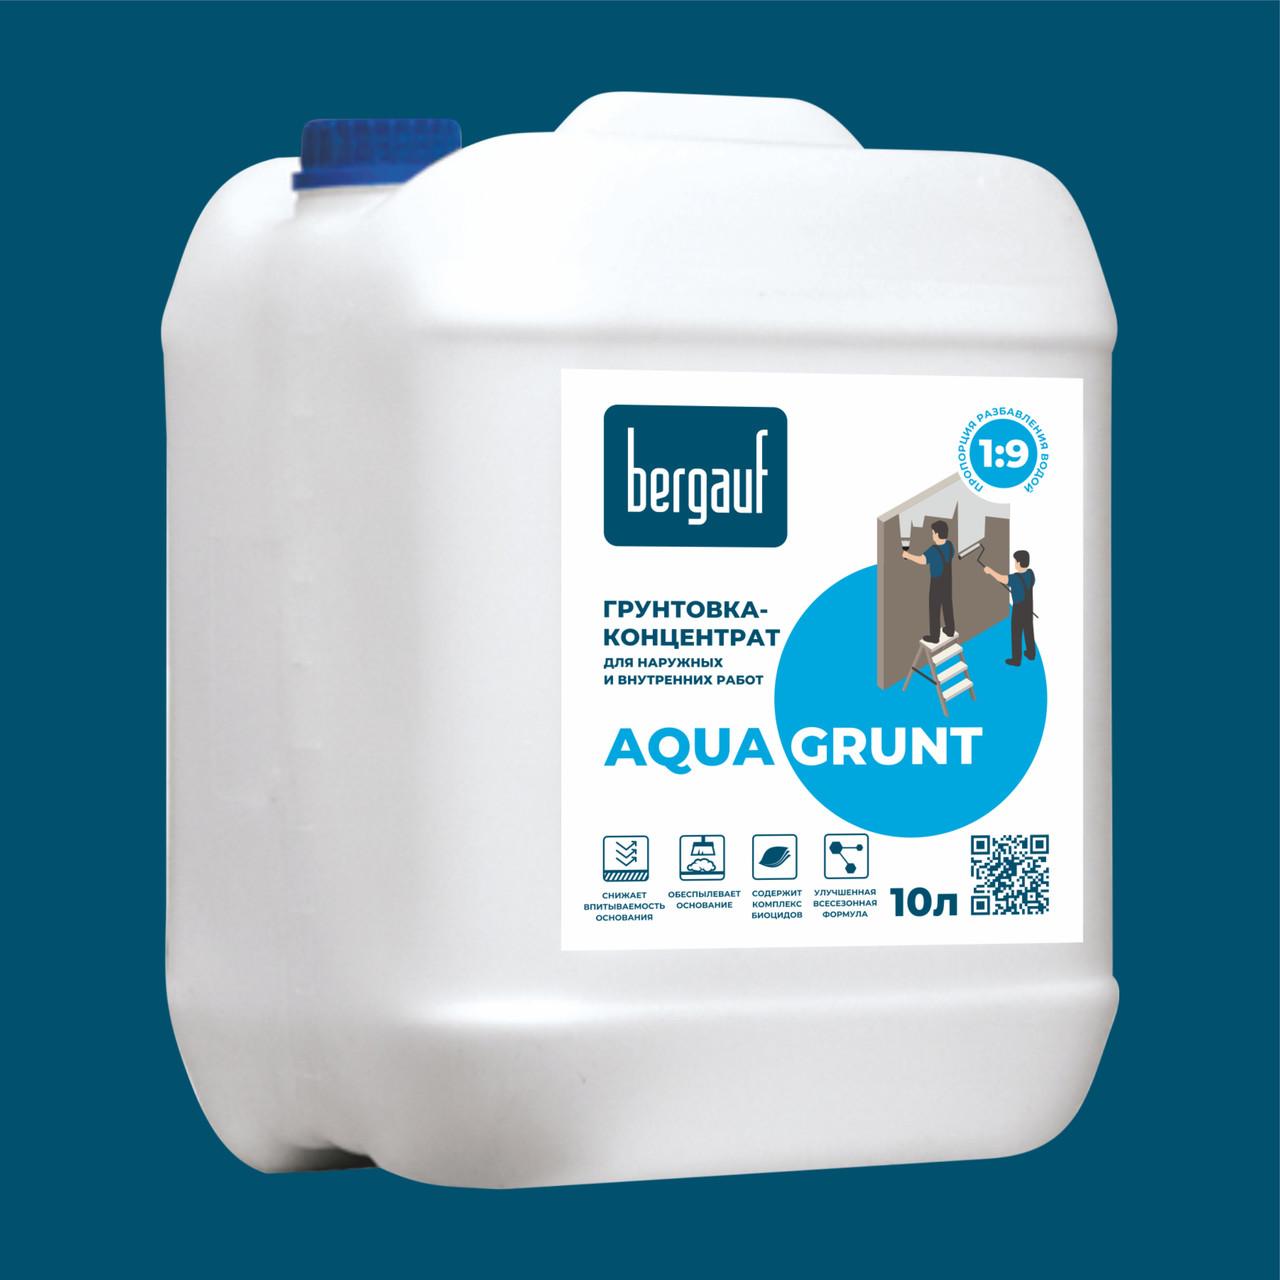 Bergauf, AQUA GRUNT, Грунтовка-концентрат универсальная для наружных и внутренних работ, 10 л